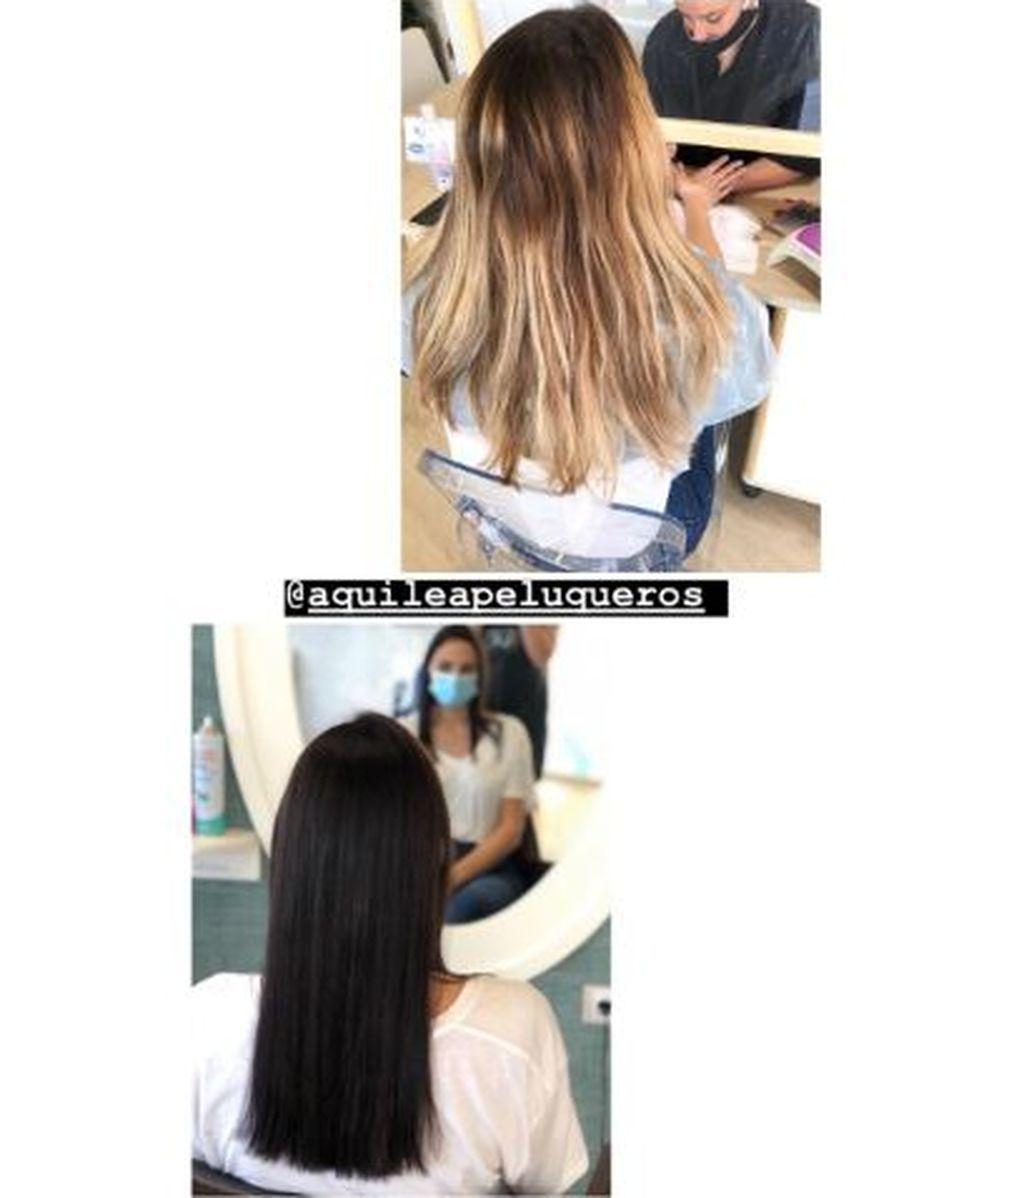 El antes y el después del cambio de look de Irene Rosales